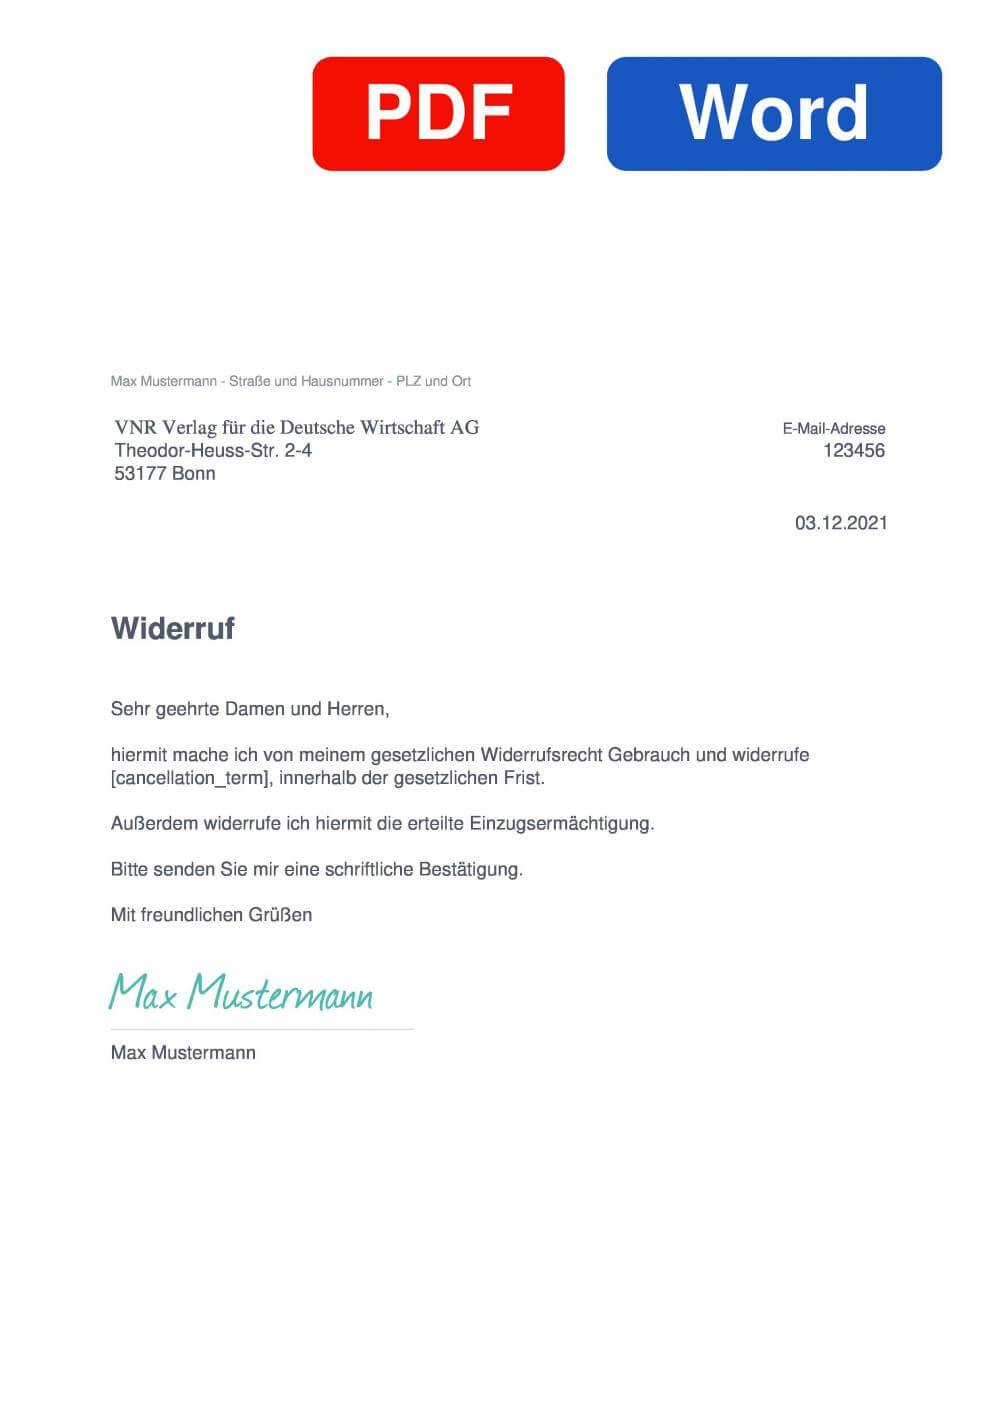 mediaforwork Muster Vorlage für Wiederrufsschreiben